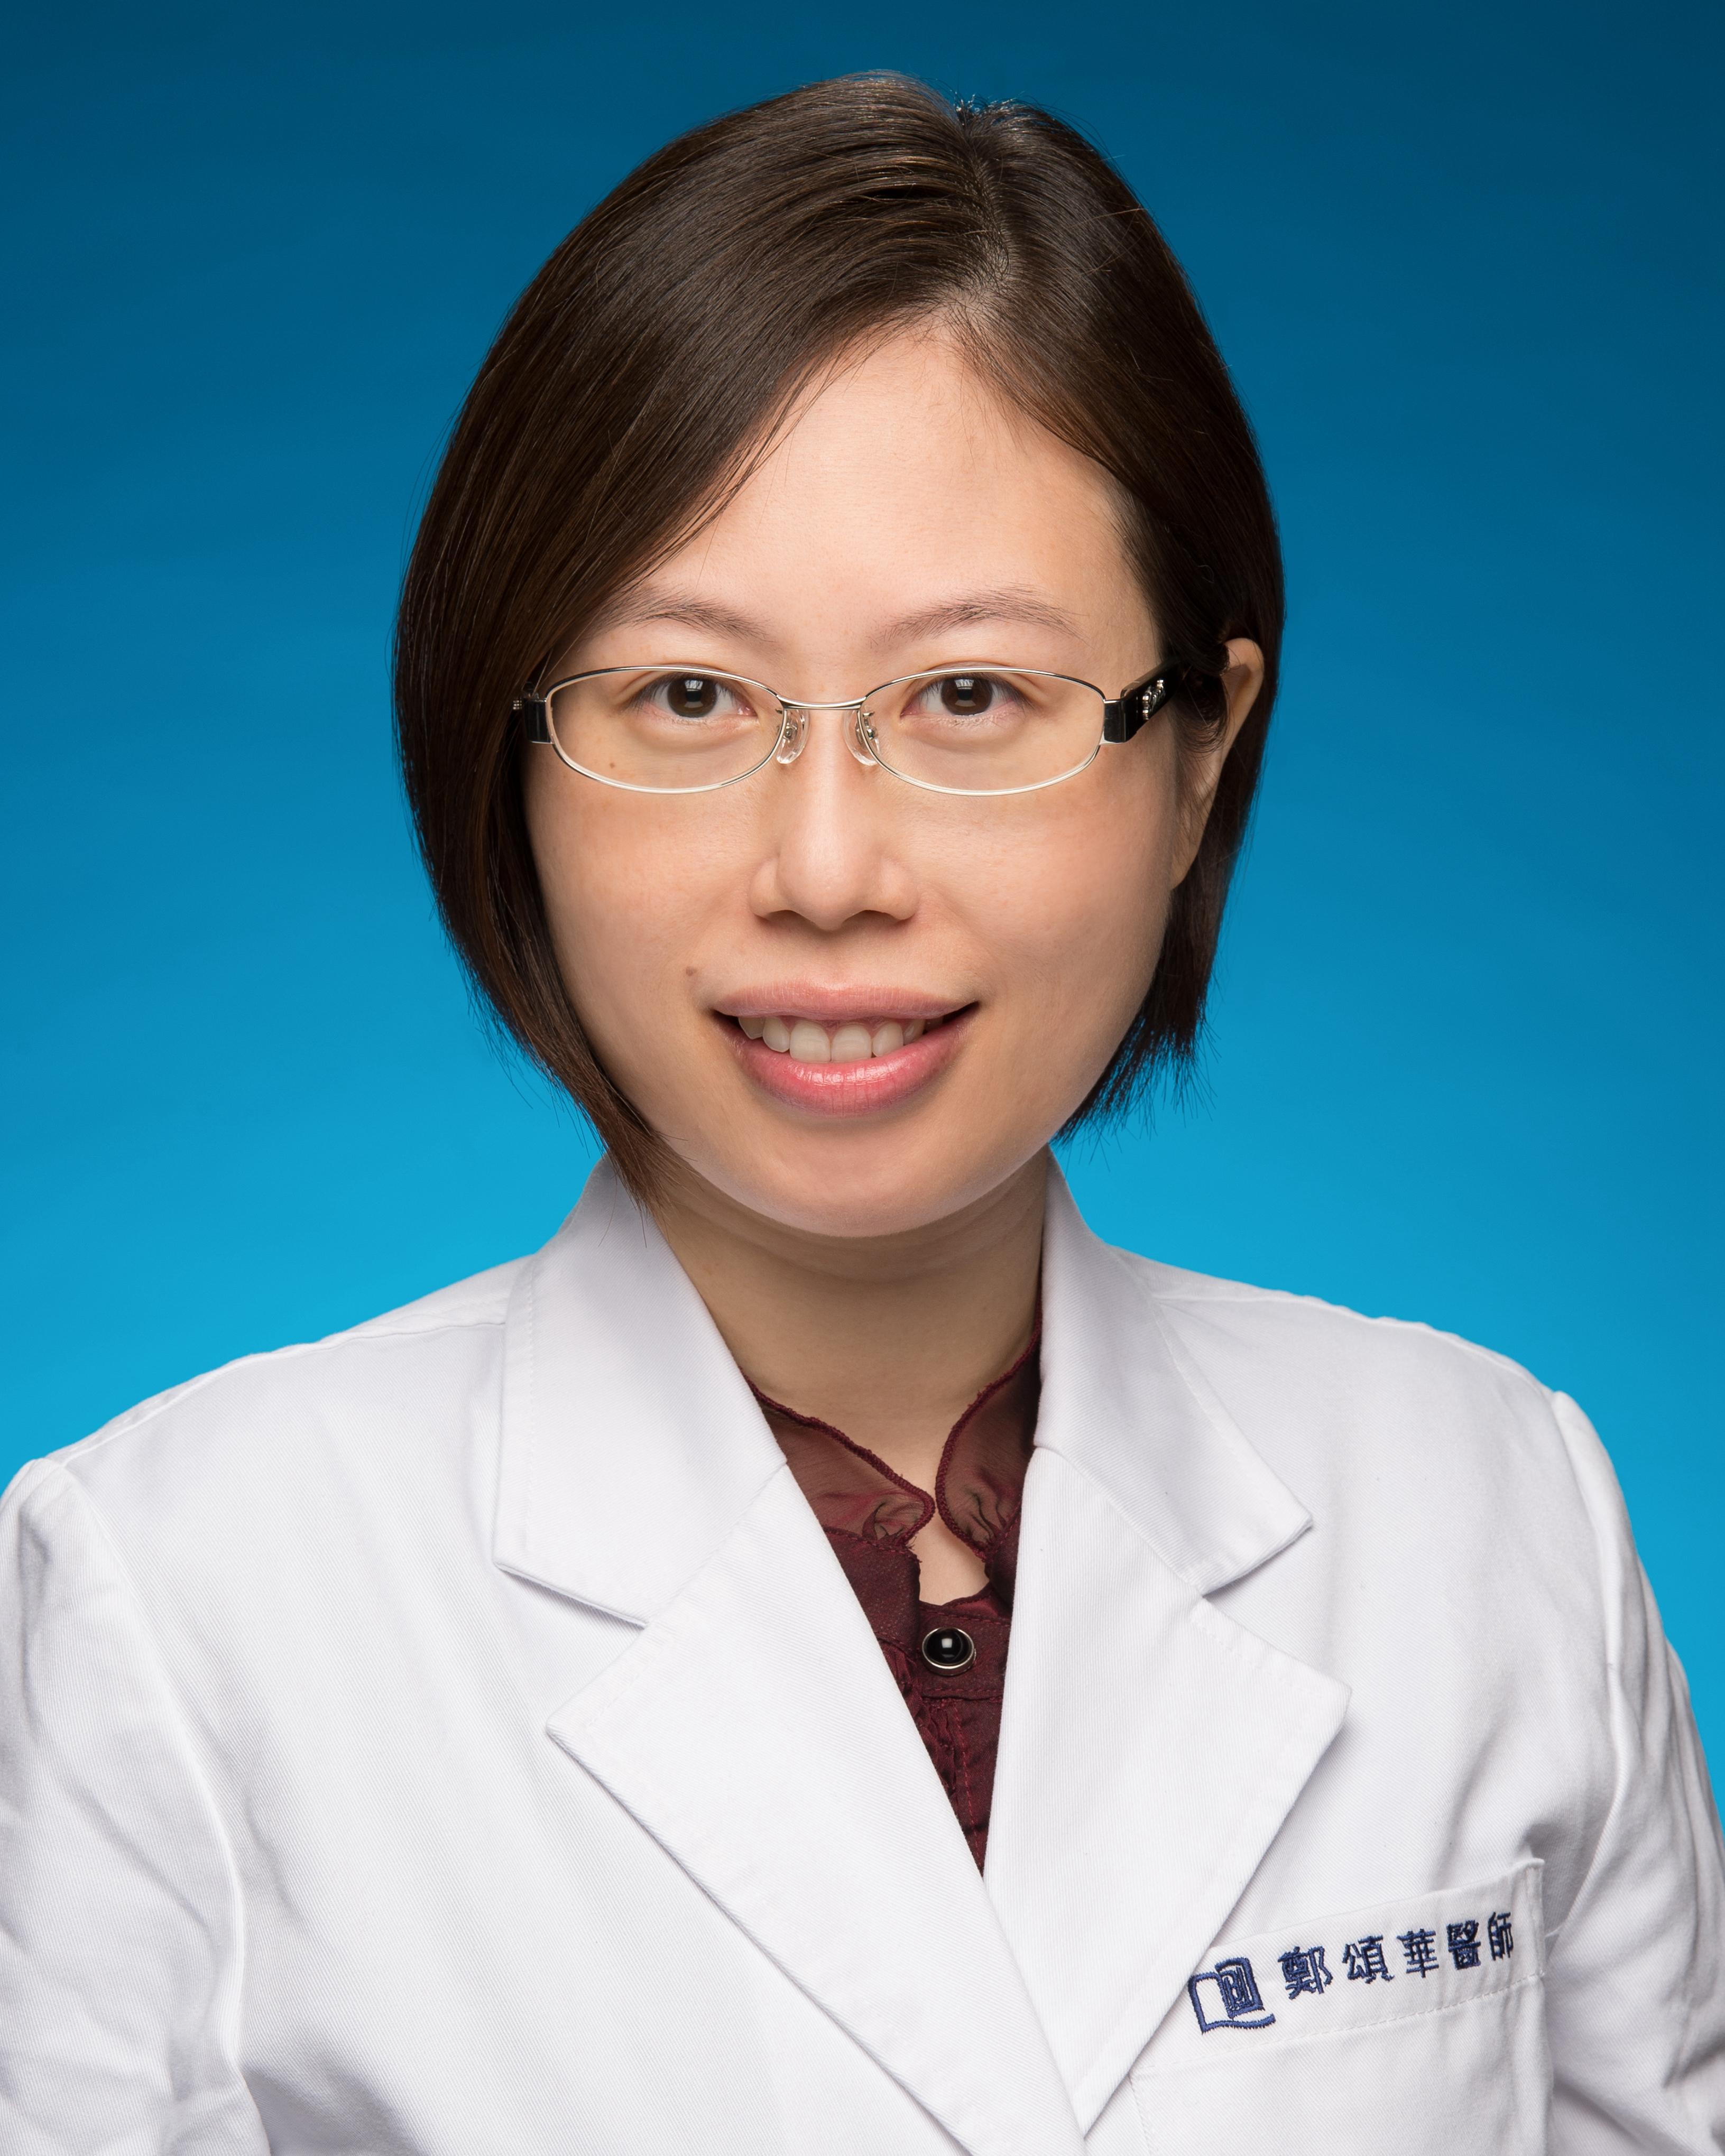 Cheng Chung Wah